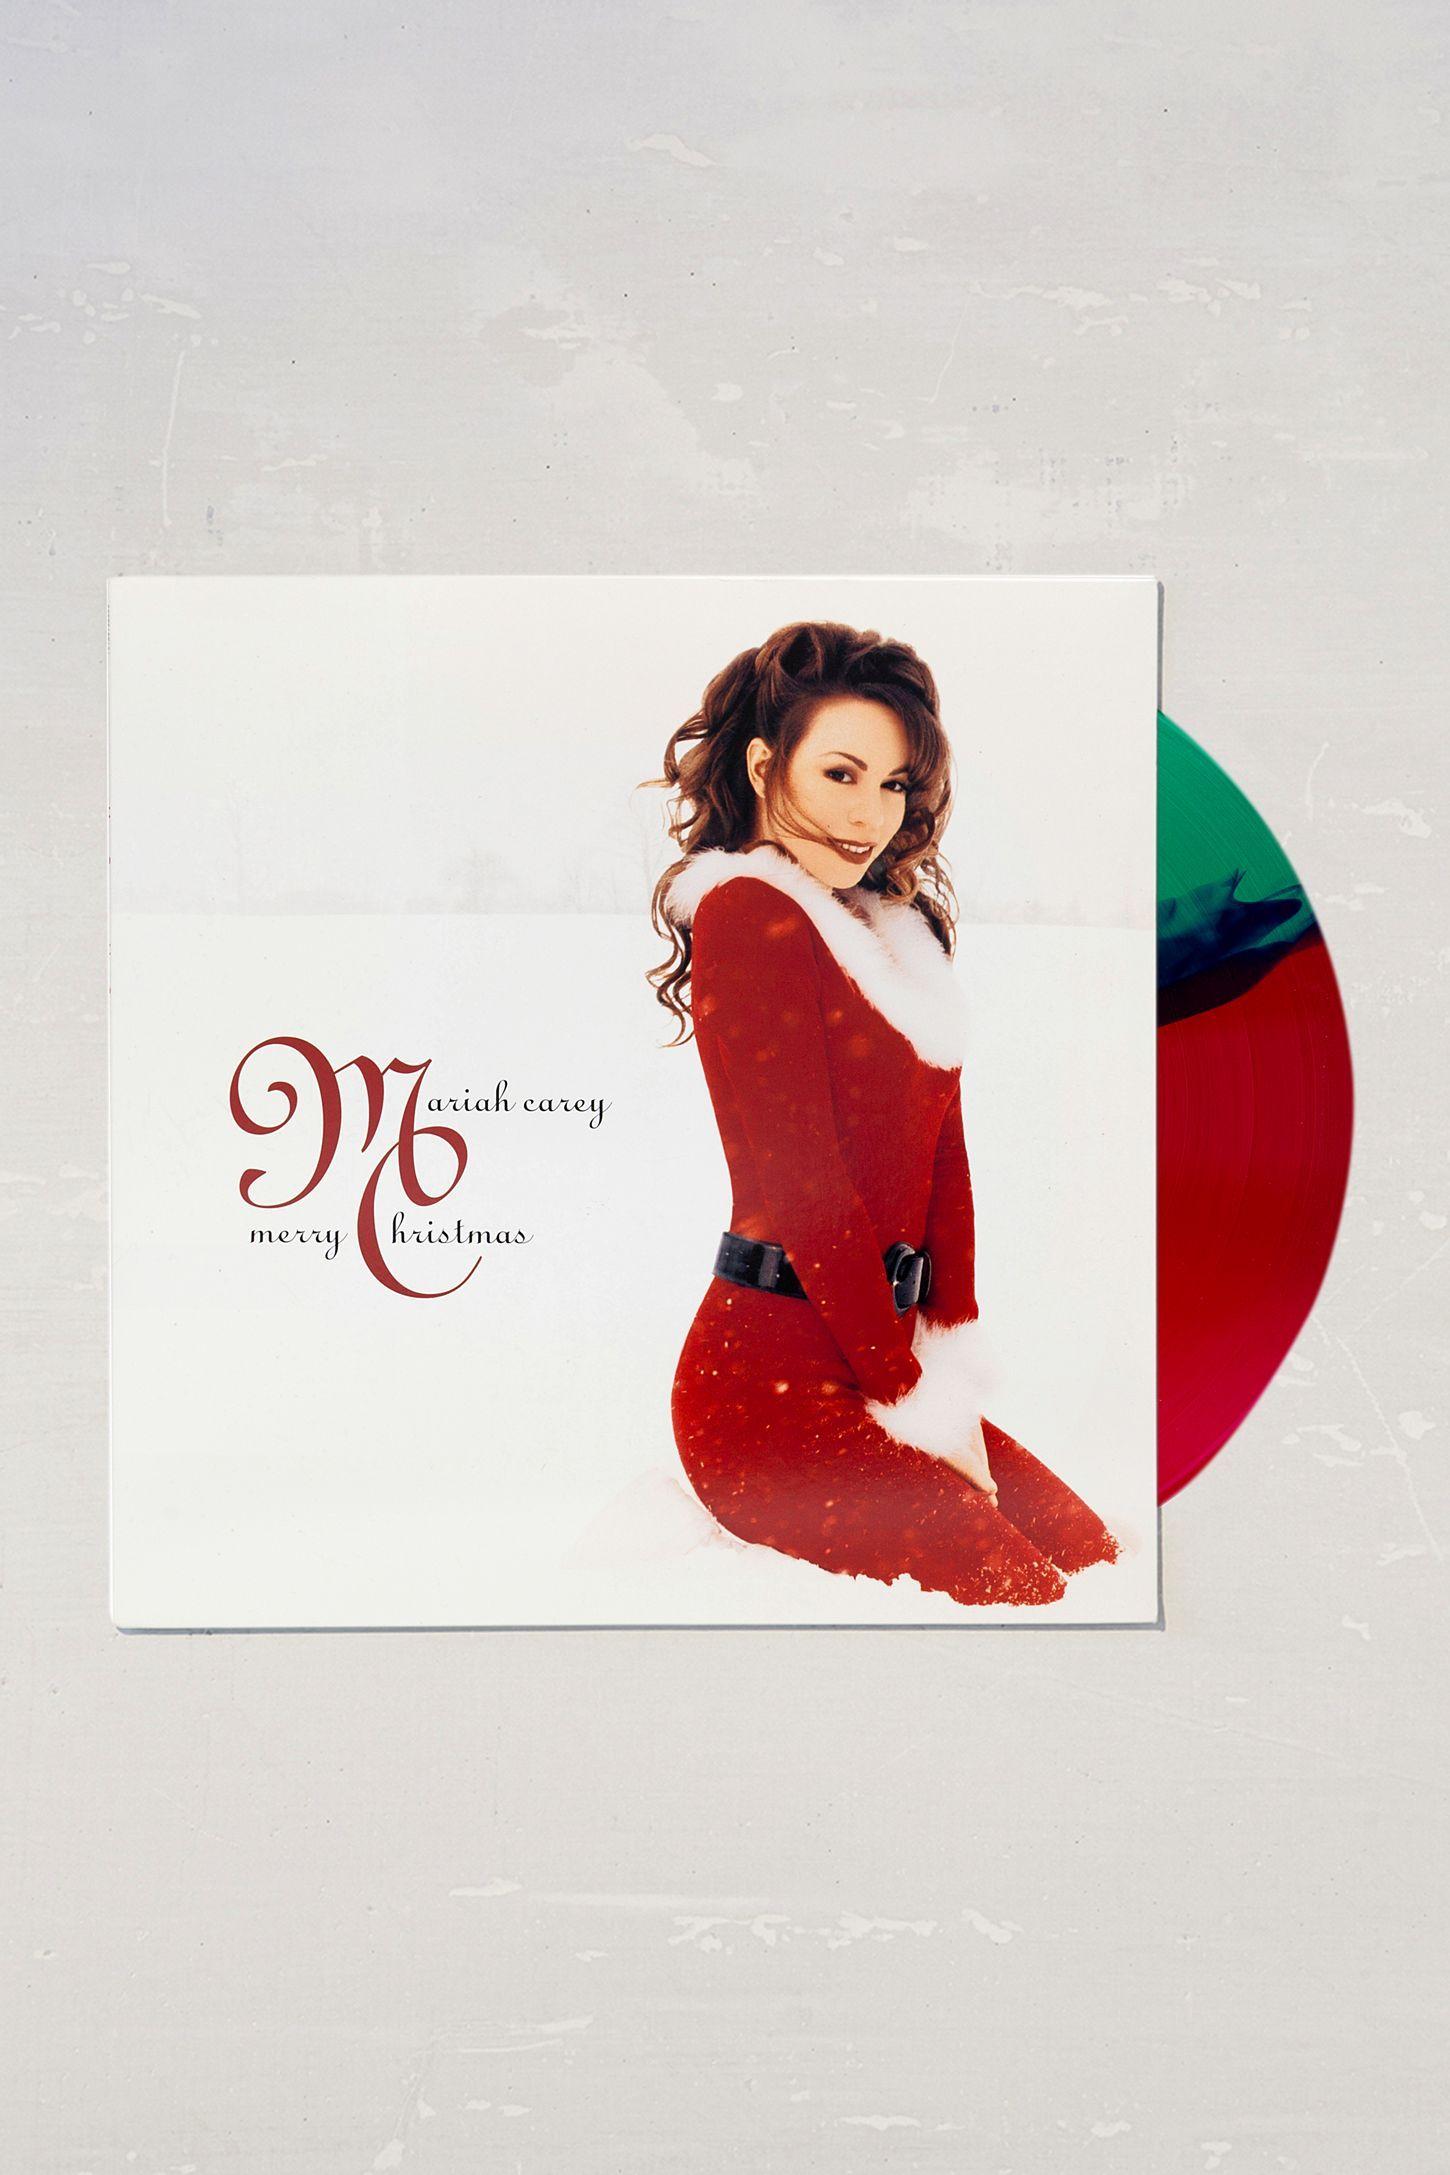 Mariah Carey Merry Christmas Limited LP Mariah carey